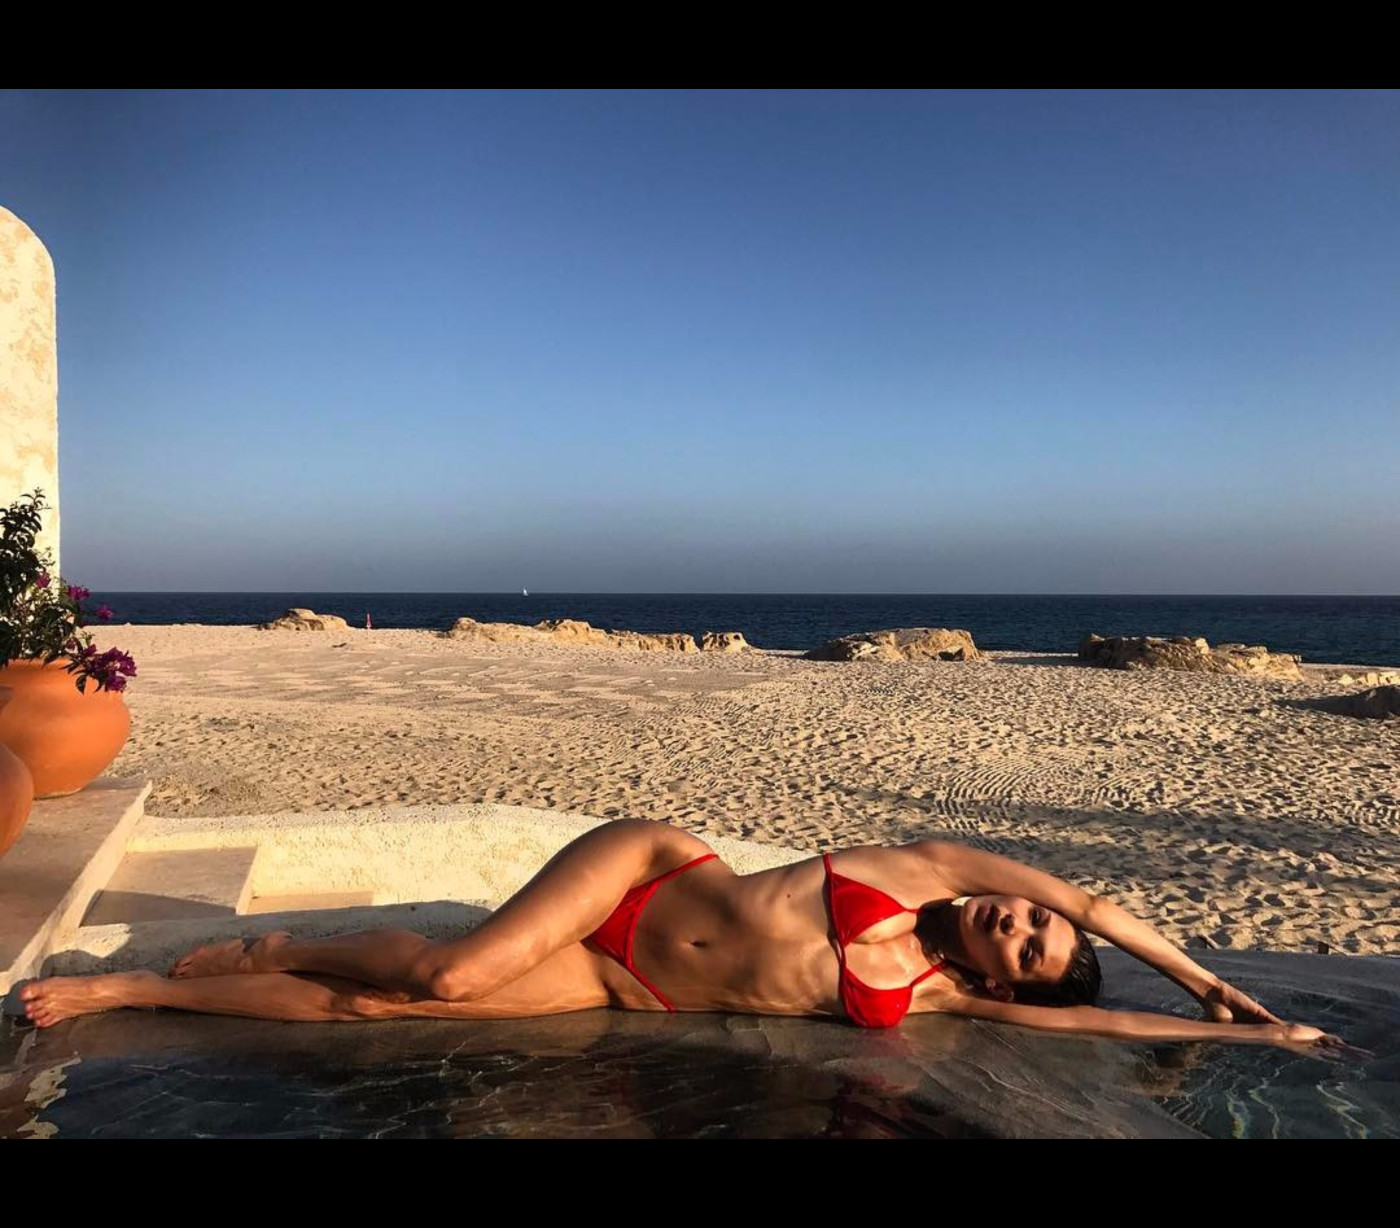 ee4ac7802 ... famosas vestem na praia e na; A modelo não tem quaisquer problemas em  exibir a sua bela forma física nas redes sociais ...